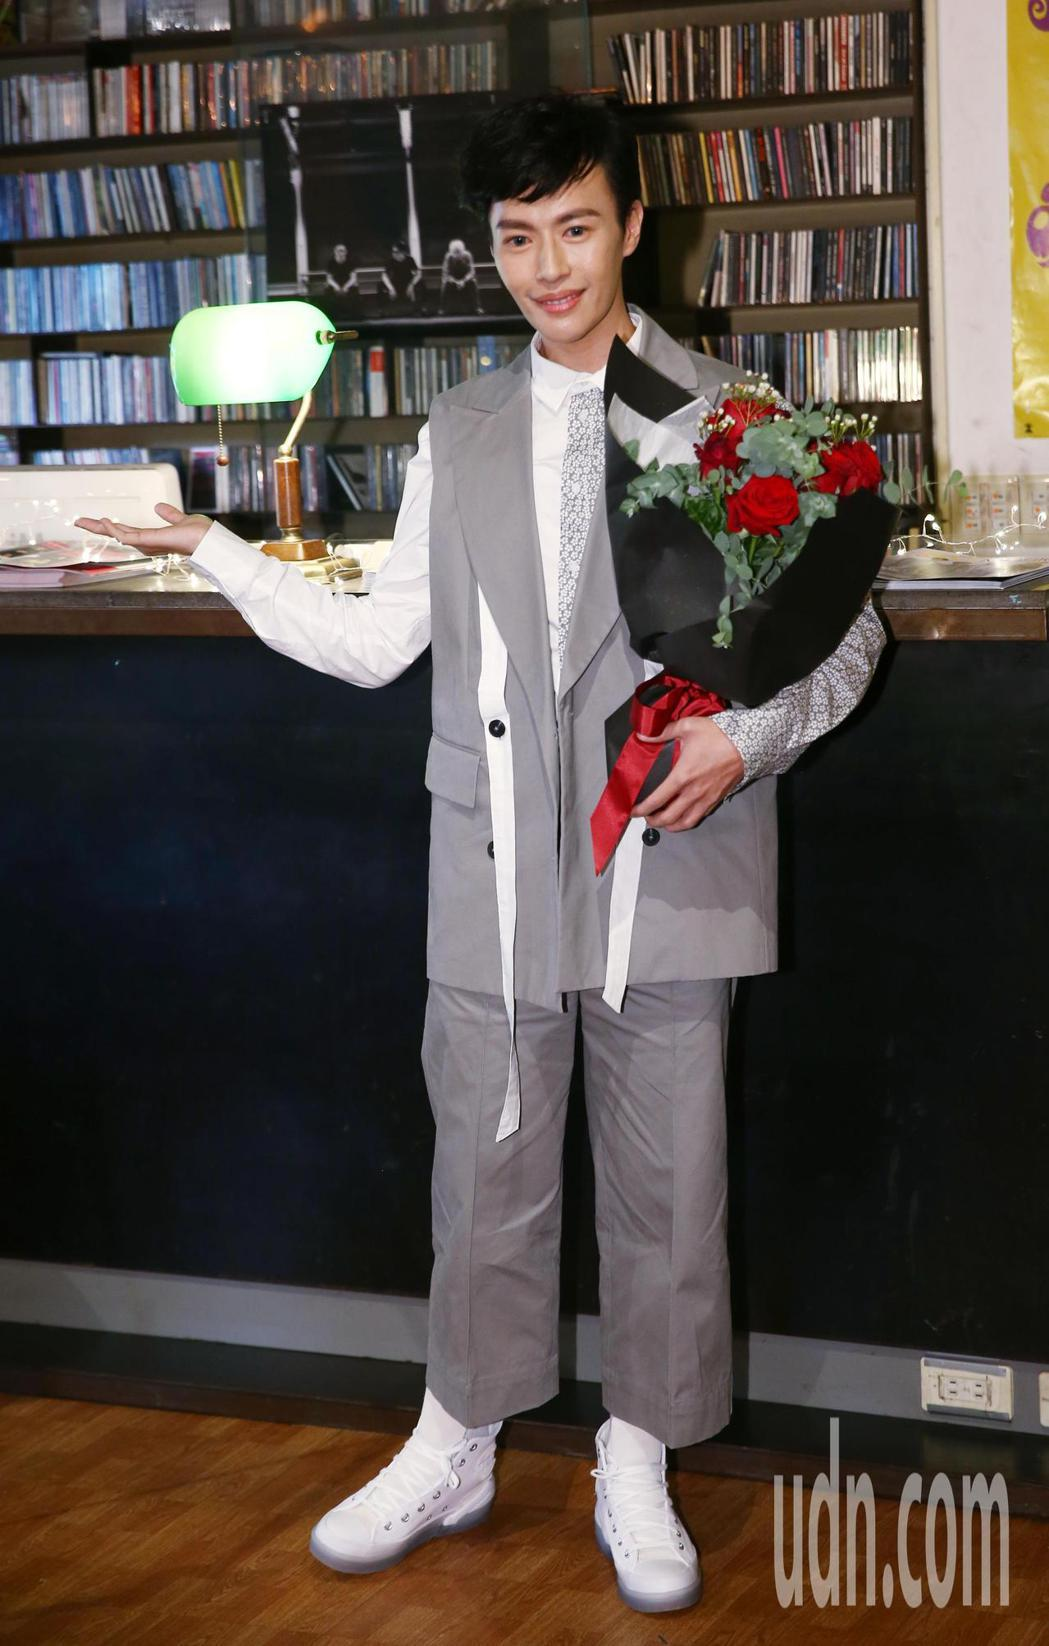 歌手林語菲首張專輯《勇敢綻放》推出,直白道出心路歷程,並希望可以勇敢突破性別上的...